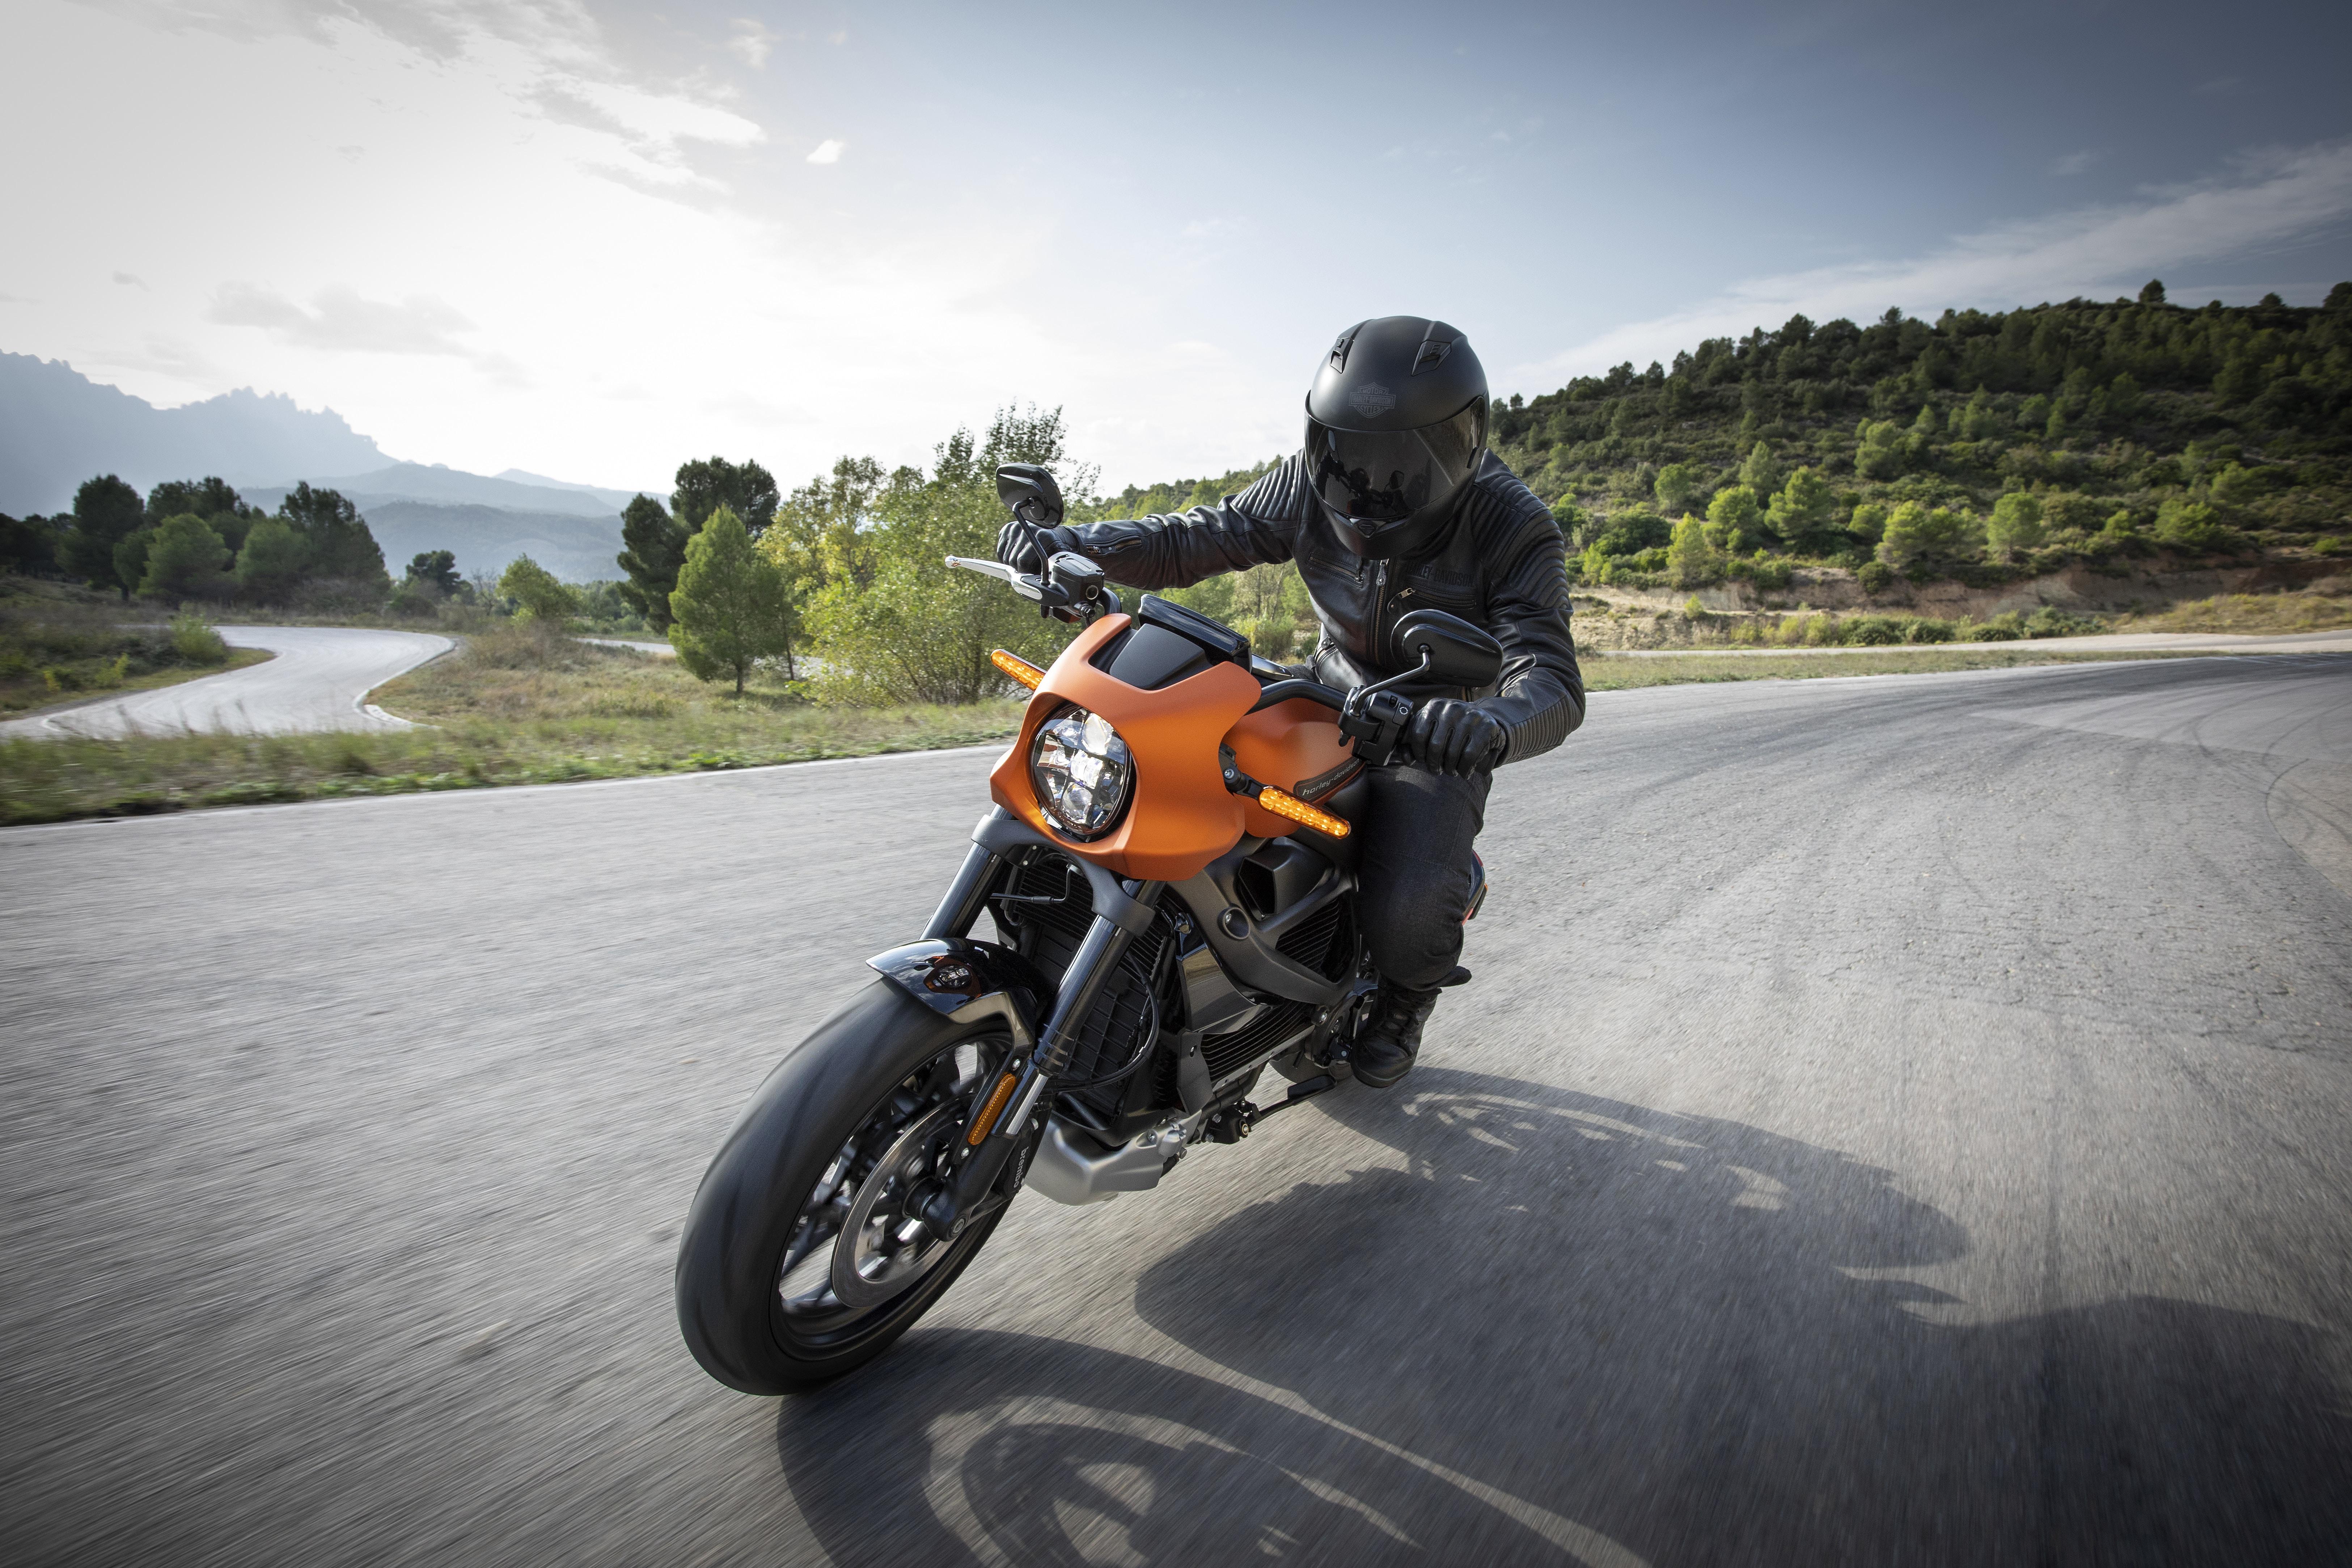 Nueva normativa: guantes obligatorios para llevar la moto